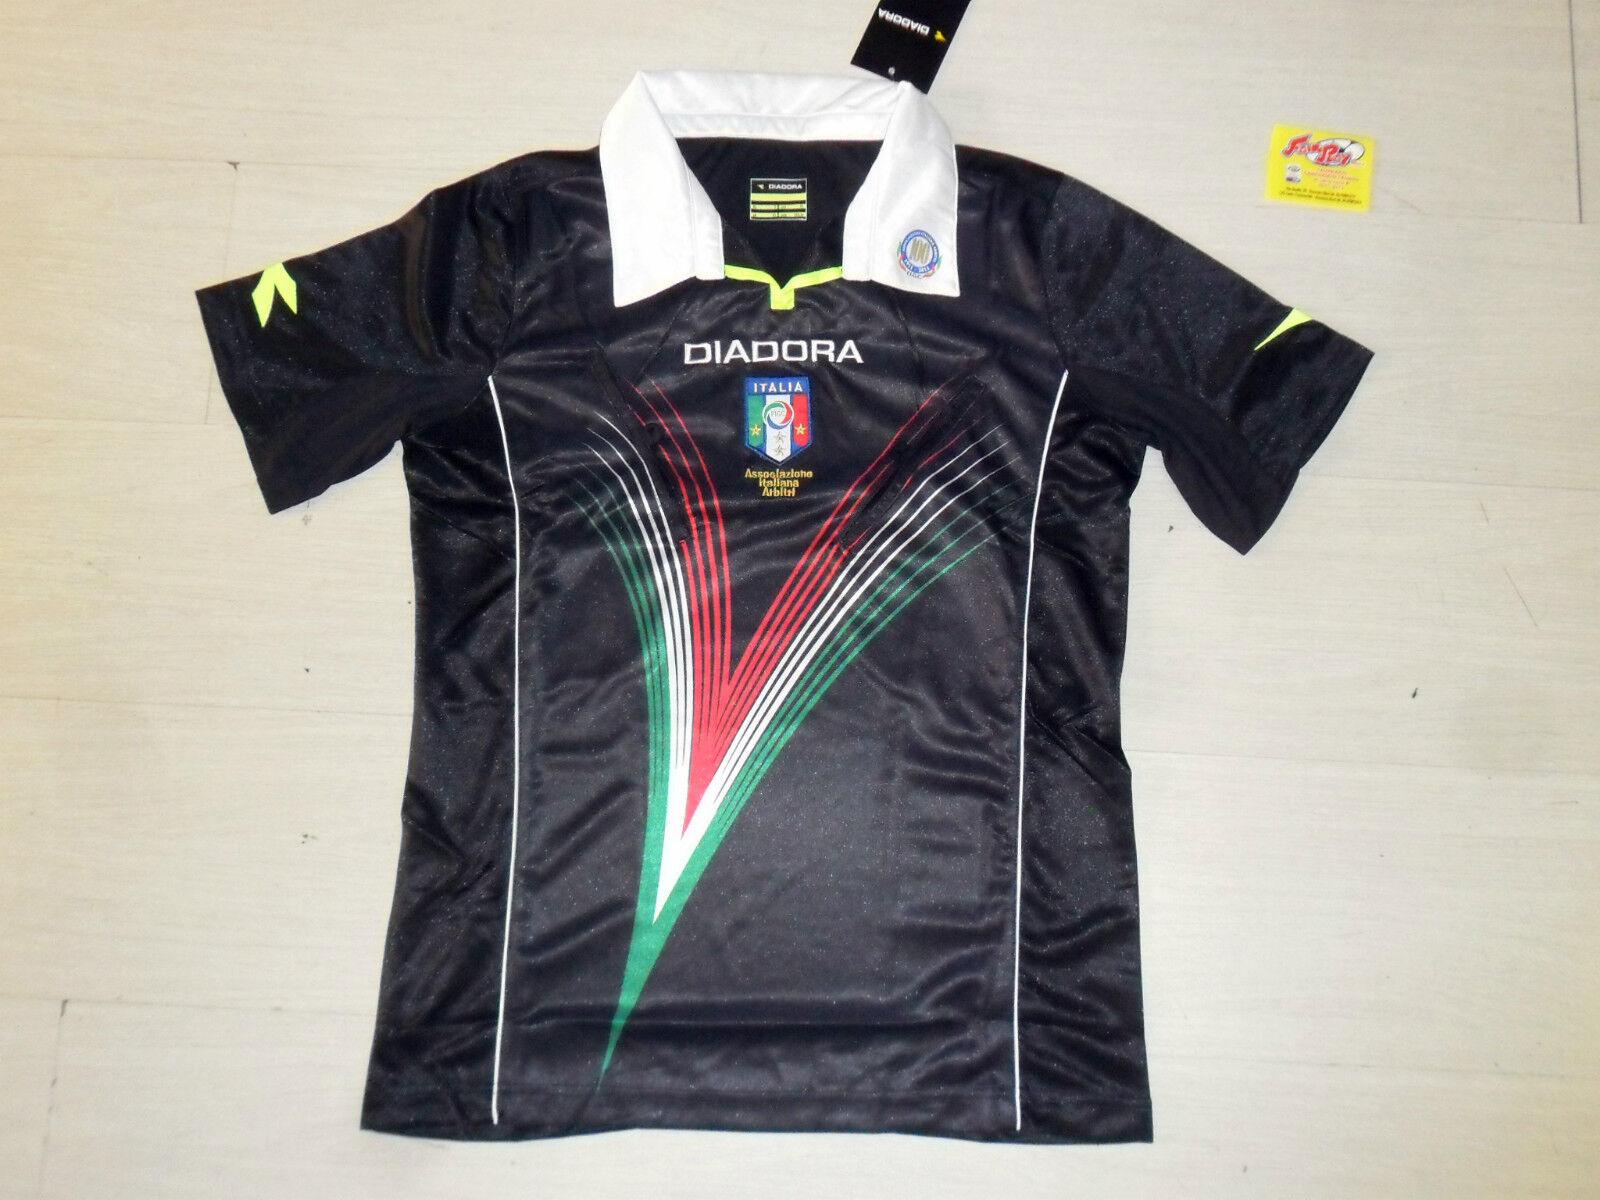 10022 TG M MAGLIA MAGLIETTA NERA ARBITRO AIA ITALY REFREE OFFICIAL JERSEY SHIRT